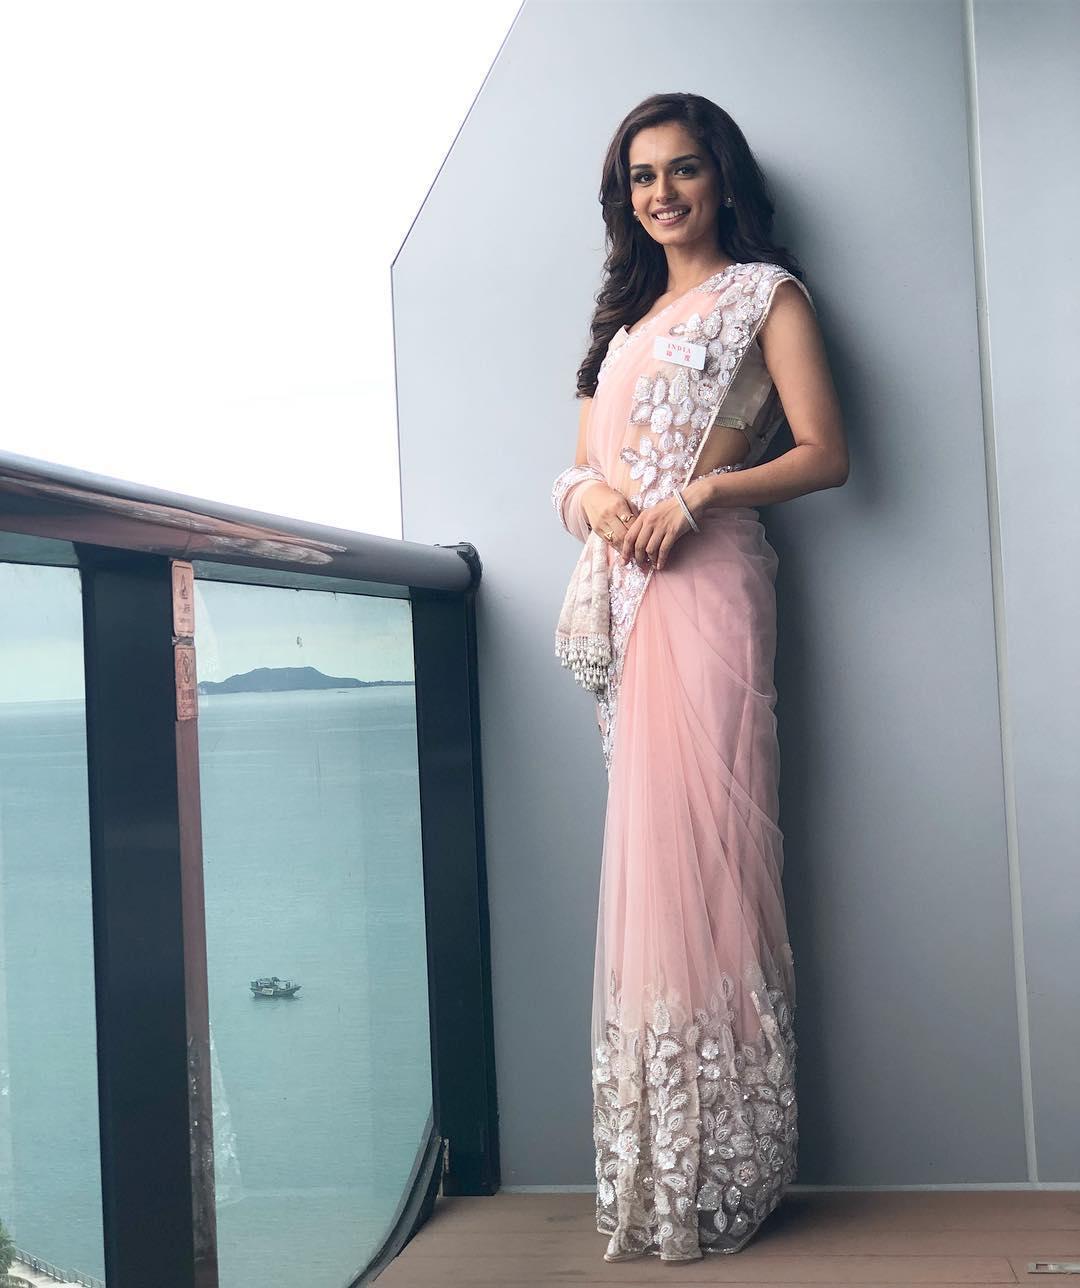 Nhan sắc ngắm là mê của người đẹp Ấn Độ vừa đăng quang Hoa hậu Thế giới 2017-13